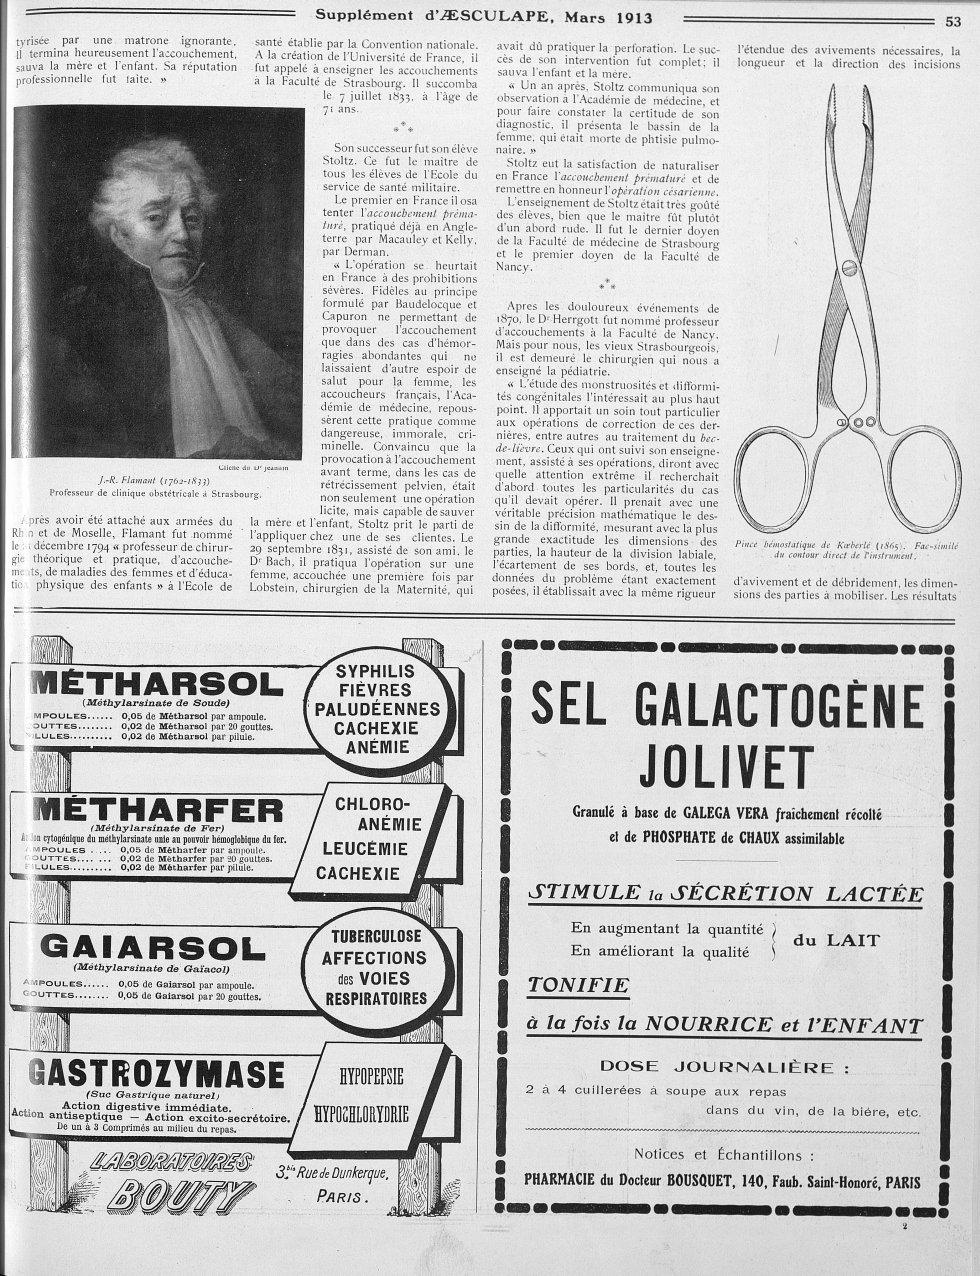 J. -R. Flamant (1762-1833), Professeur de clinique obstétricale à Strasbourg / Pince hémostatique de [...] -  - med111512x1913x0133